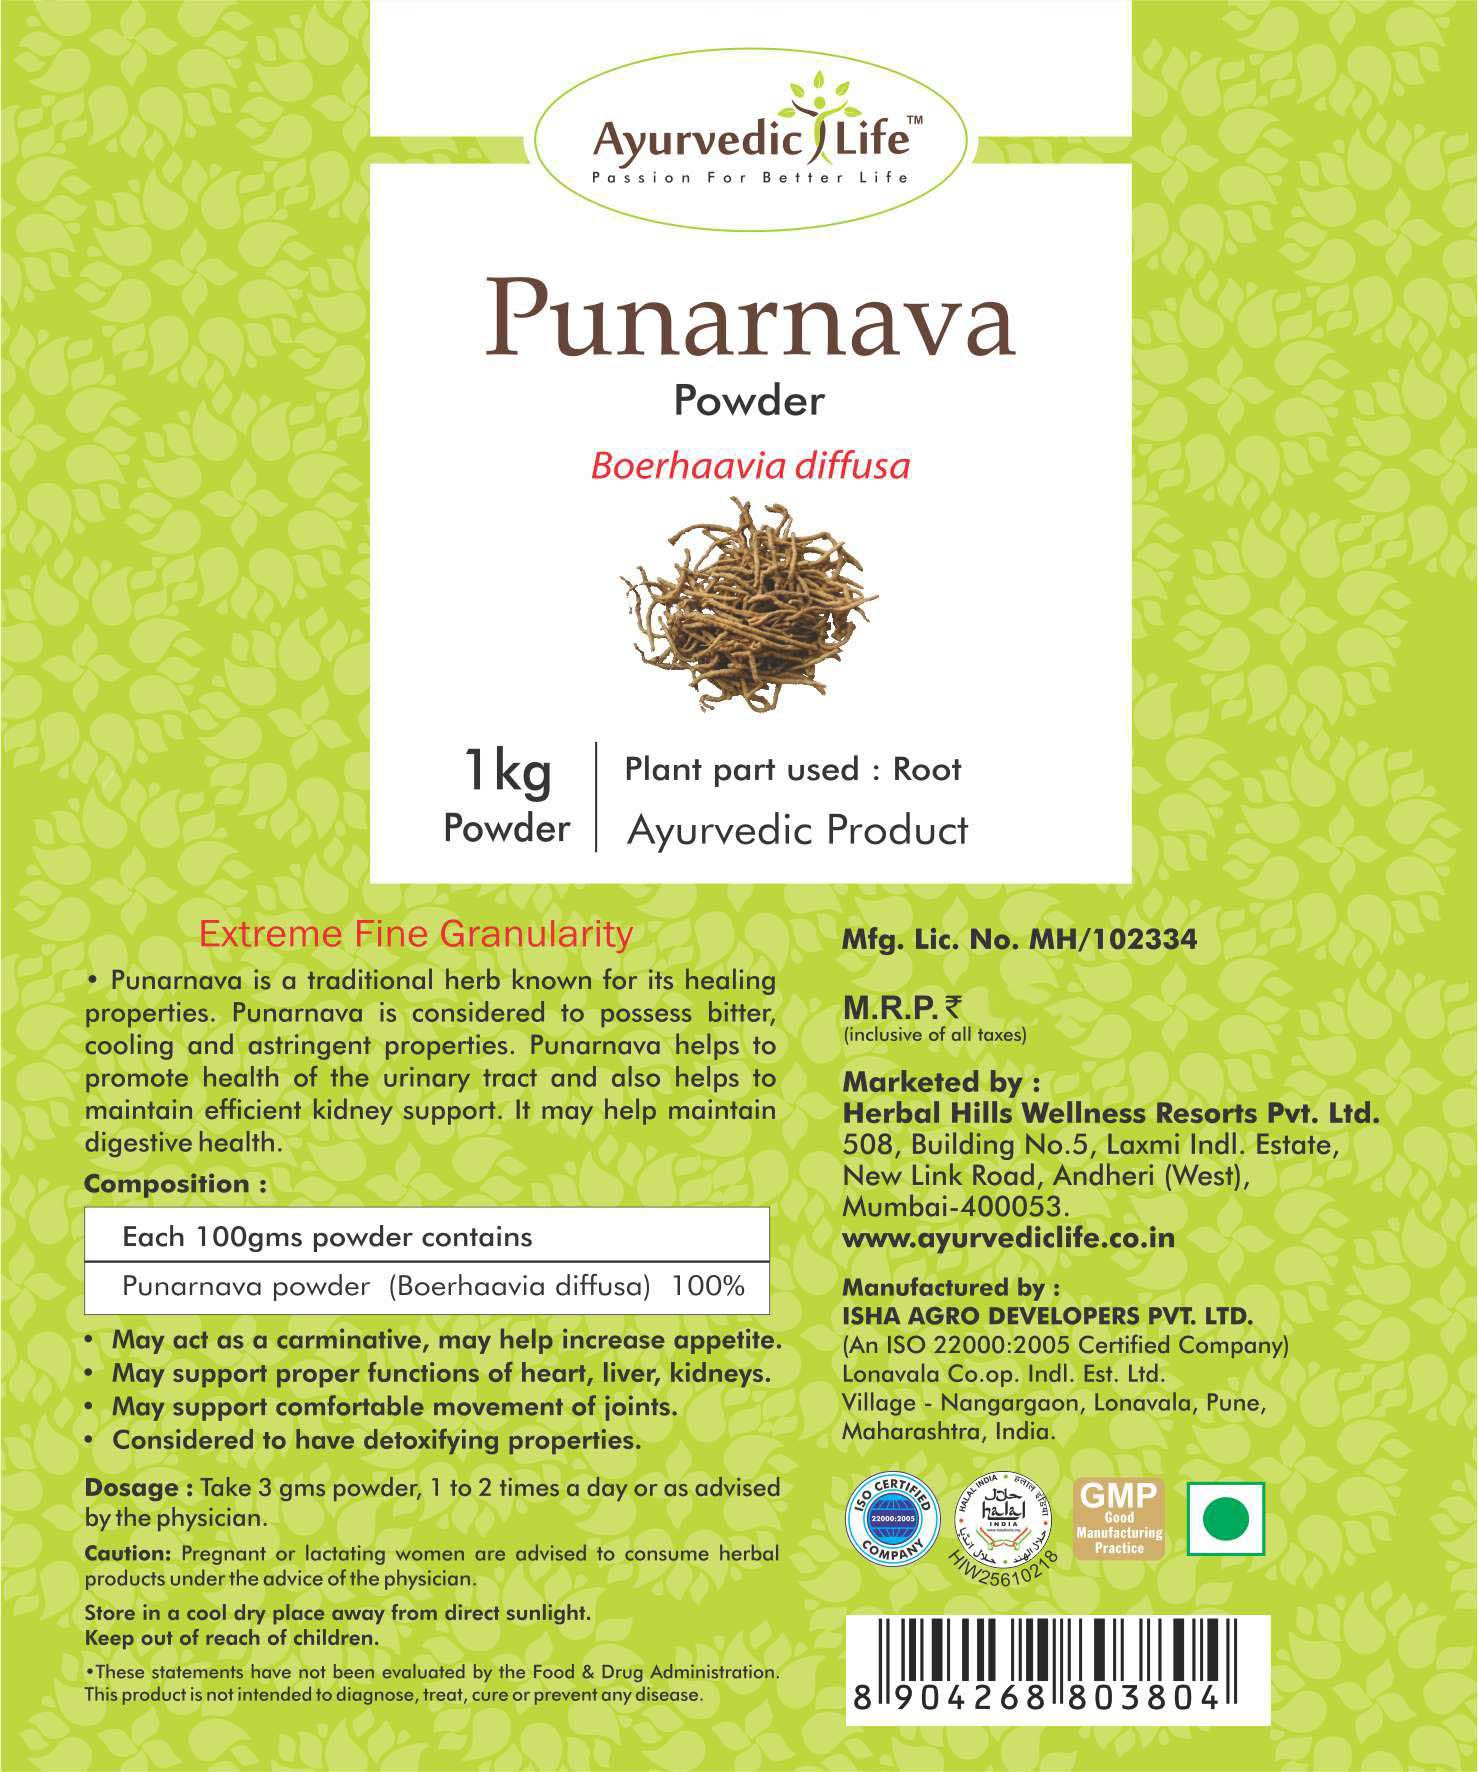 Ayurvedic Life Punarnava  Powder 1 kg